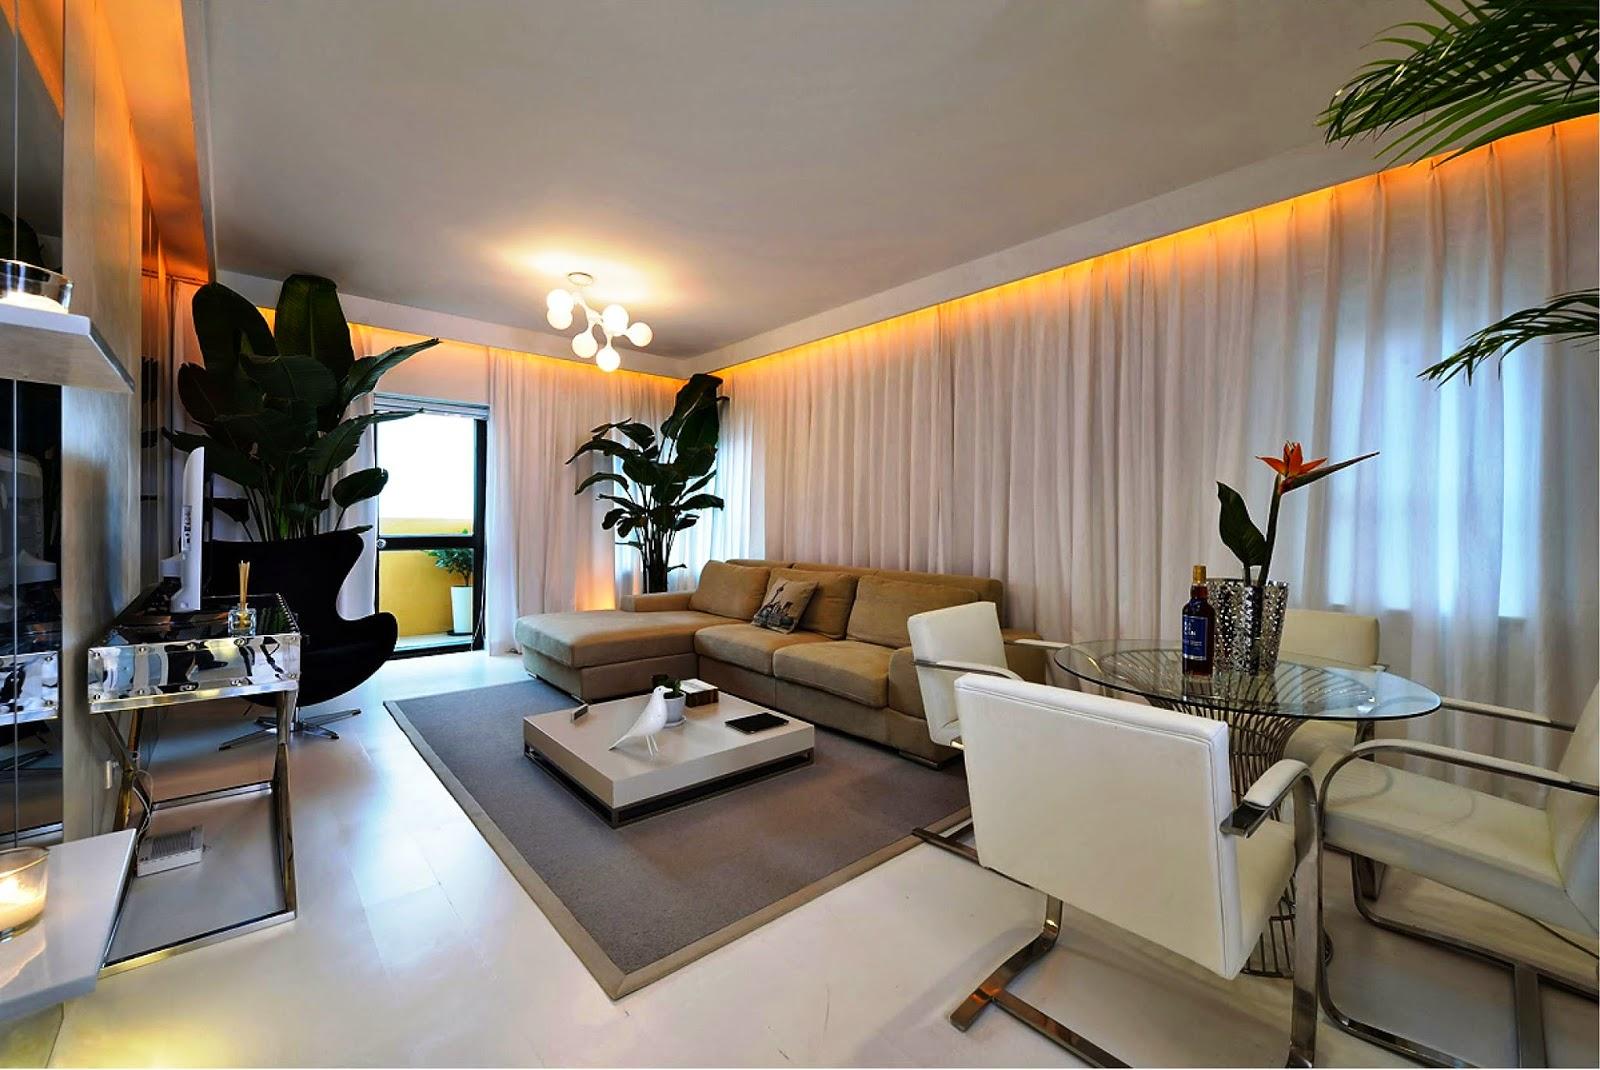 نموذج تصميم شقة سكنية مساحة 100 متر بالرسومات الهندسية